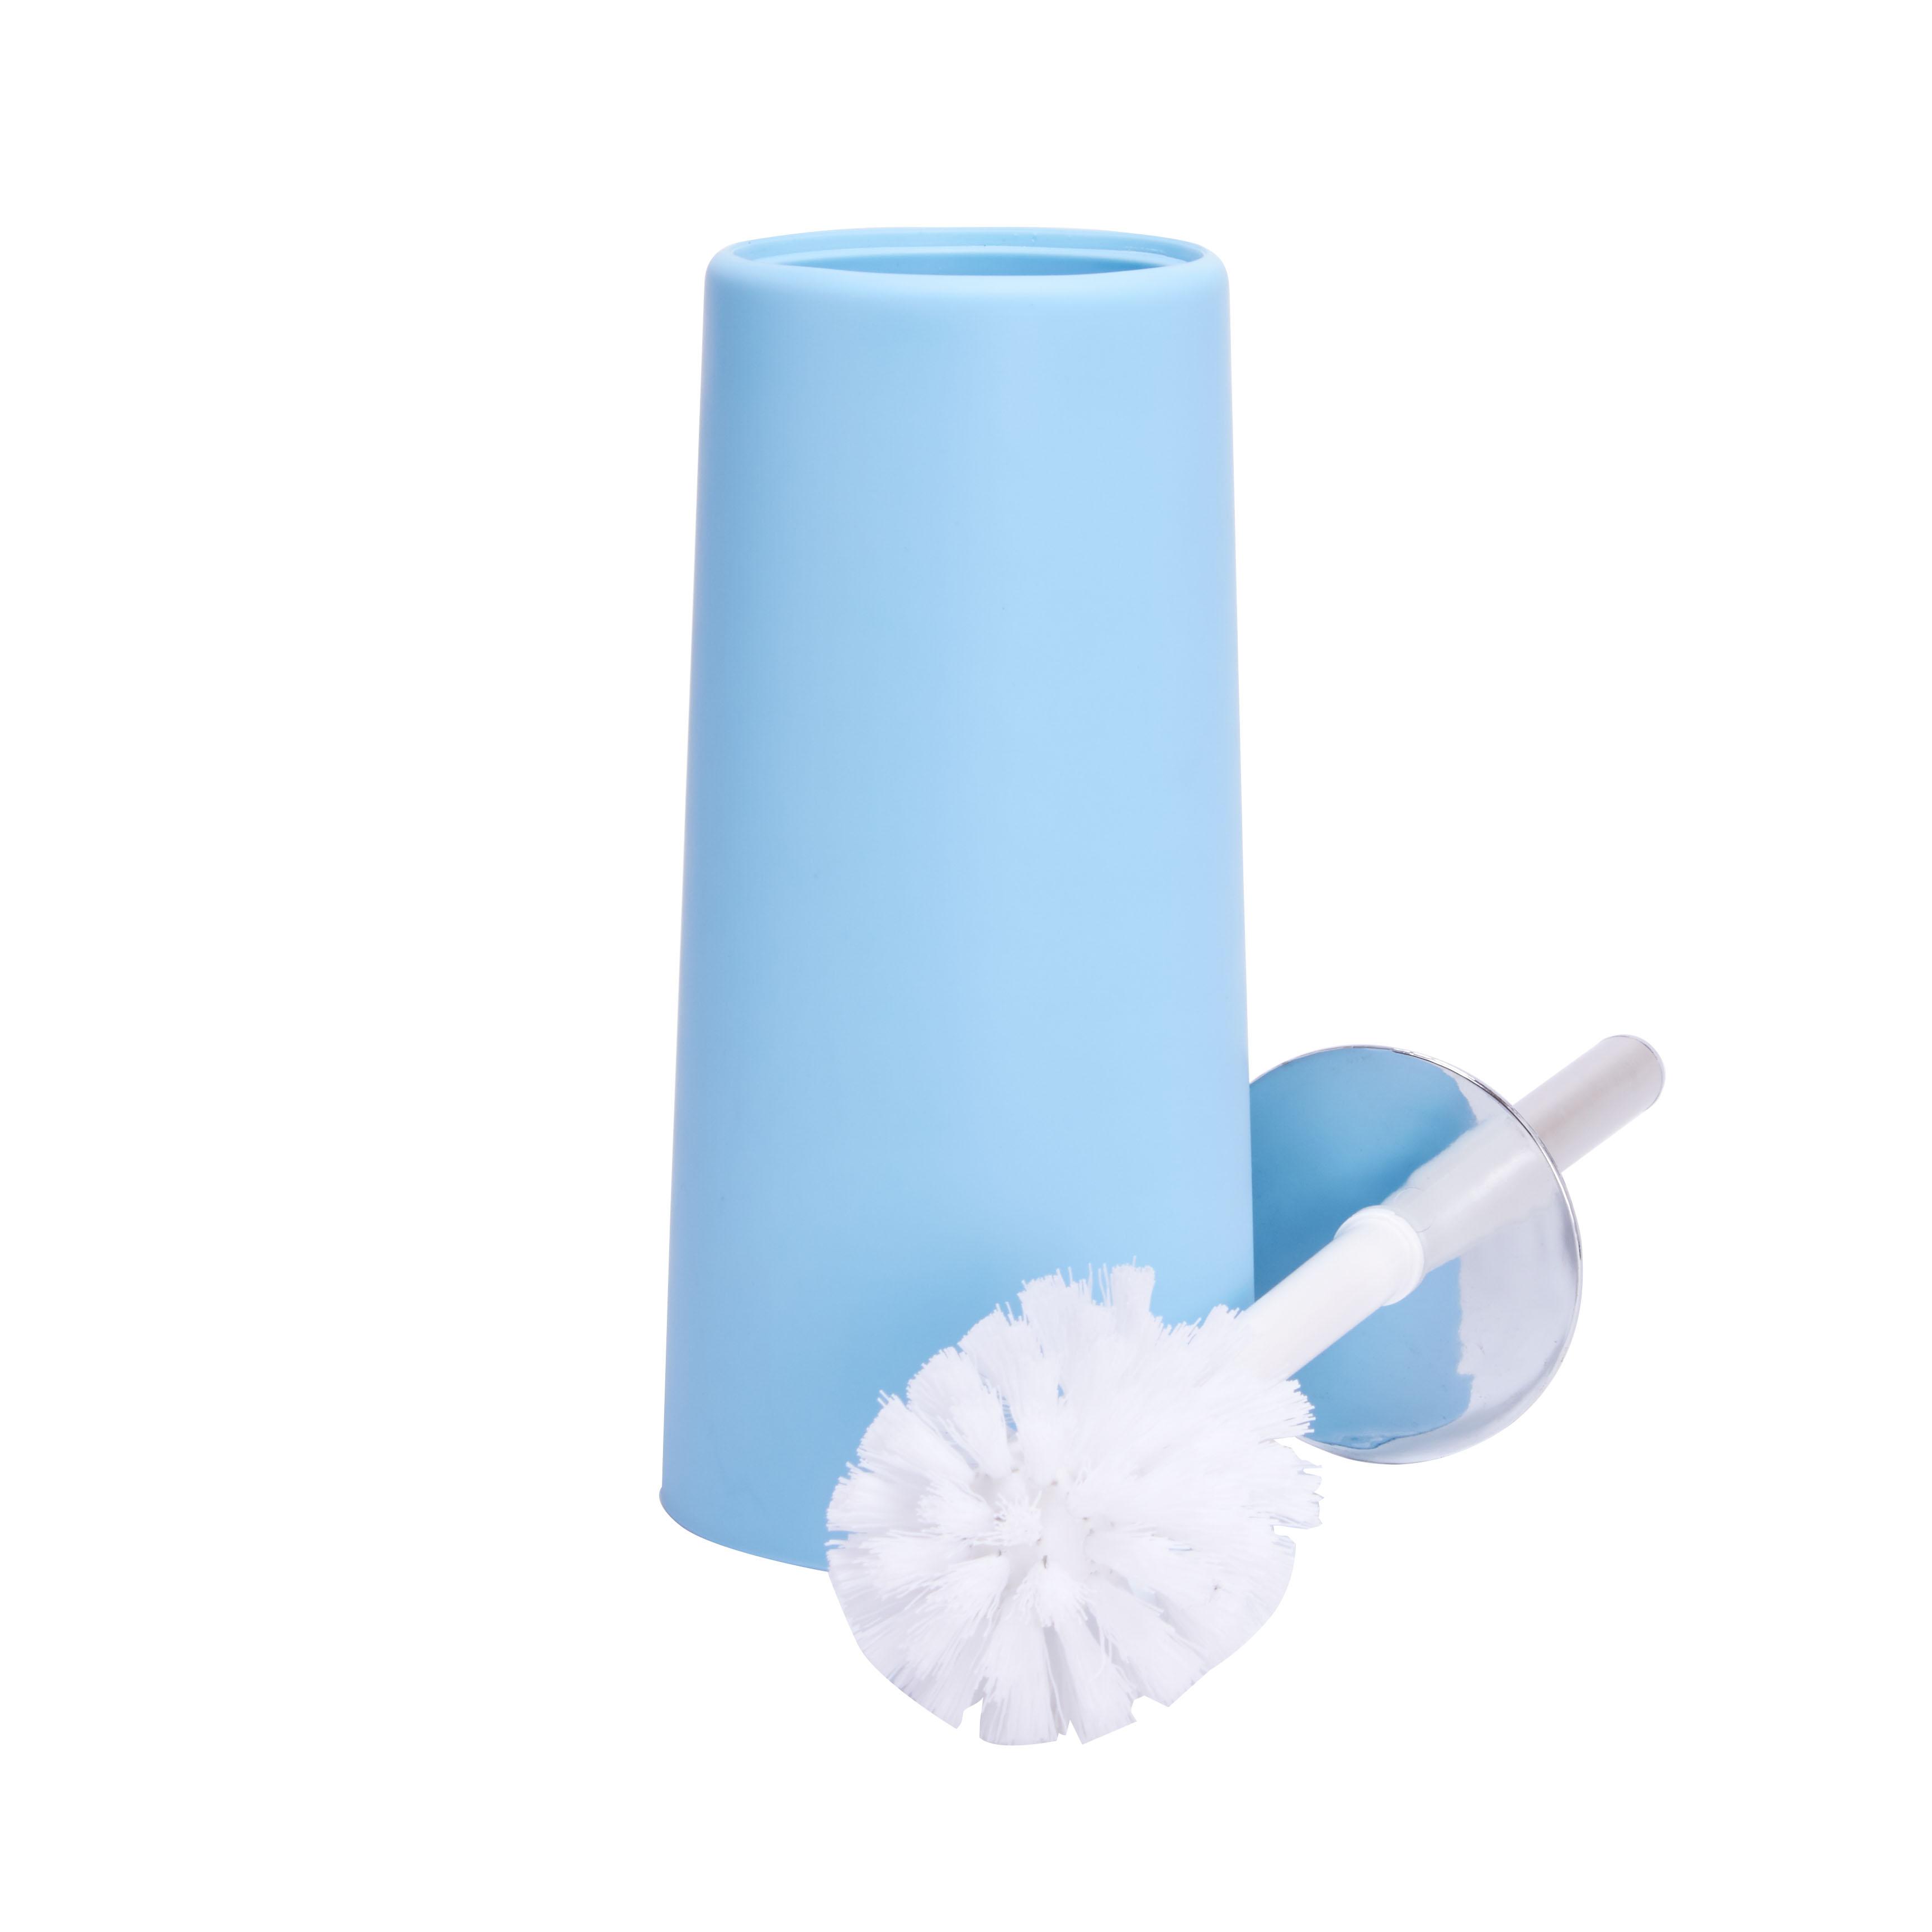 Indexbild 15 - MSV Toilettenbürste WC Bürste Klobürste Toiletten Garnitur Bürstengarnitur